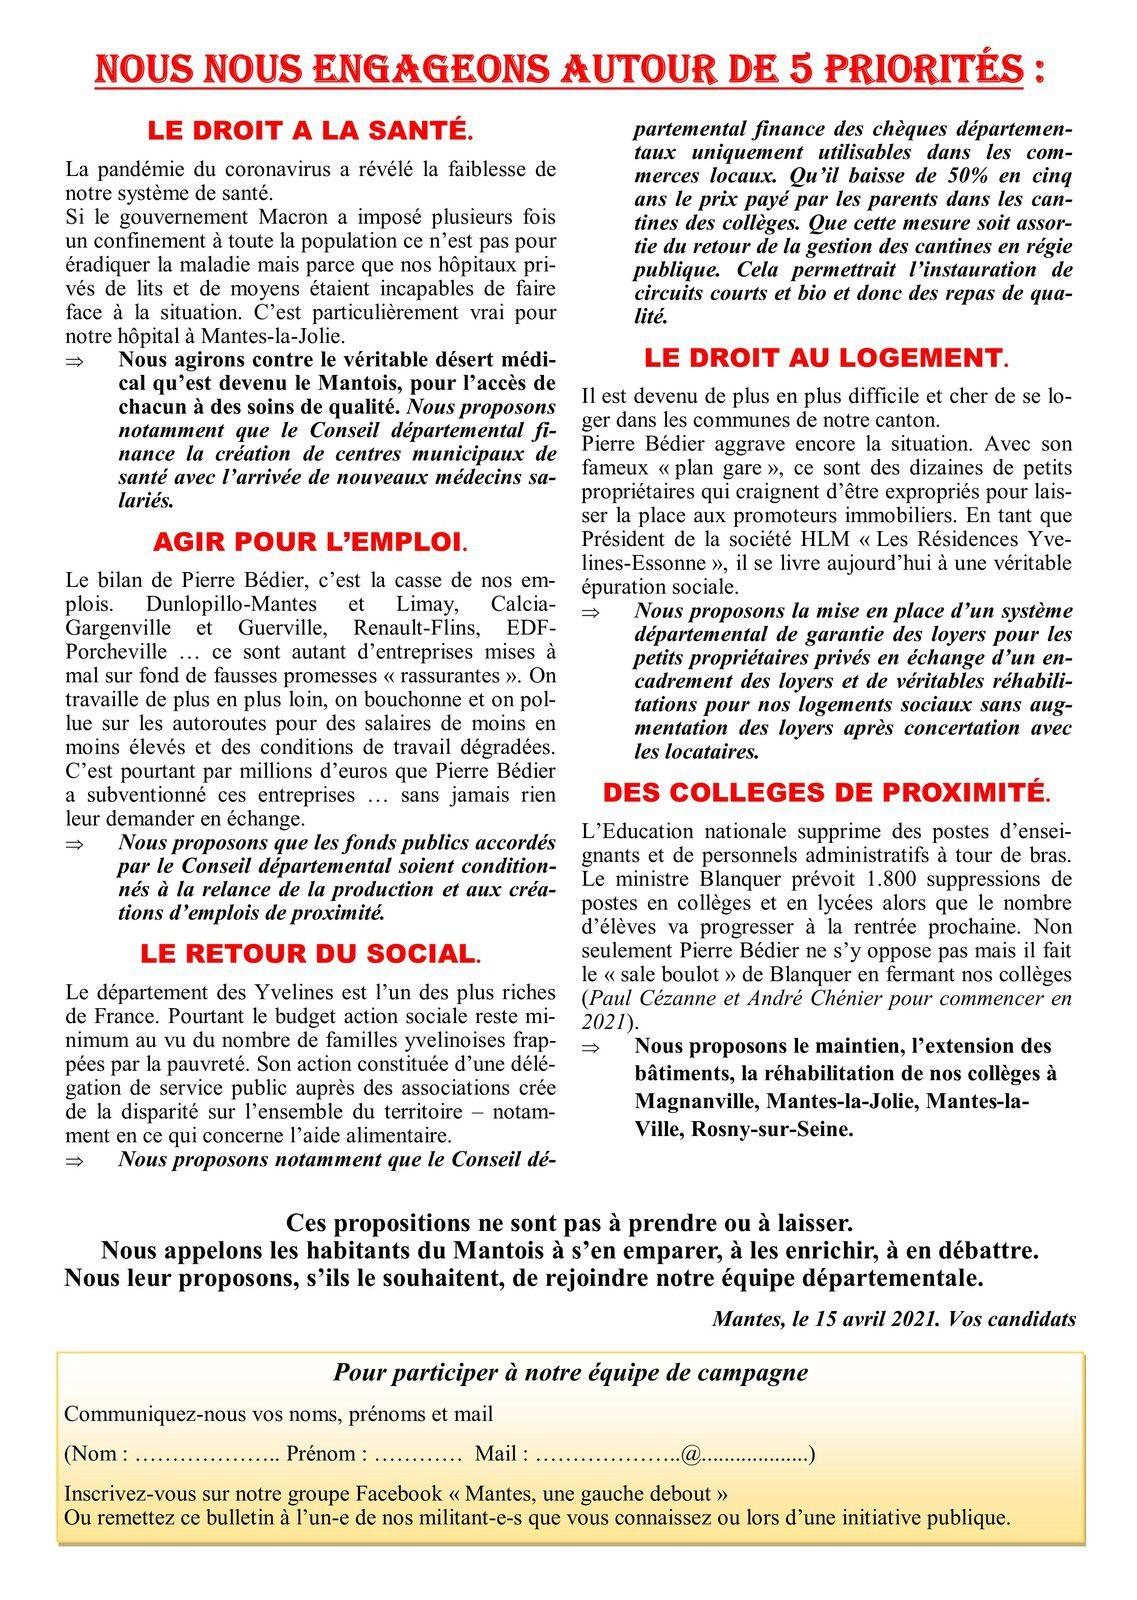 """Une liste citoyenne pour """"faire bouger les lignes"""" dans le canton de Mantes-la-Jolie"""